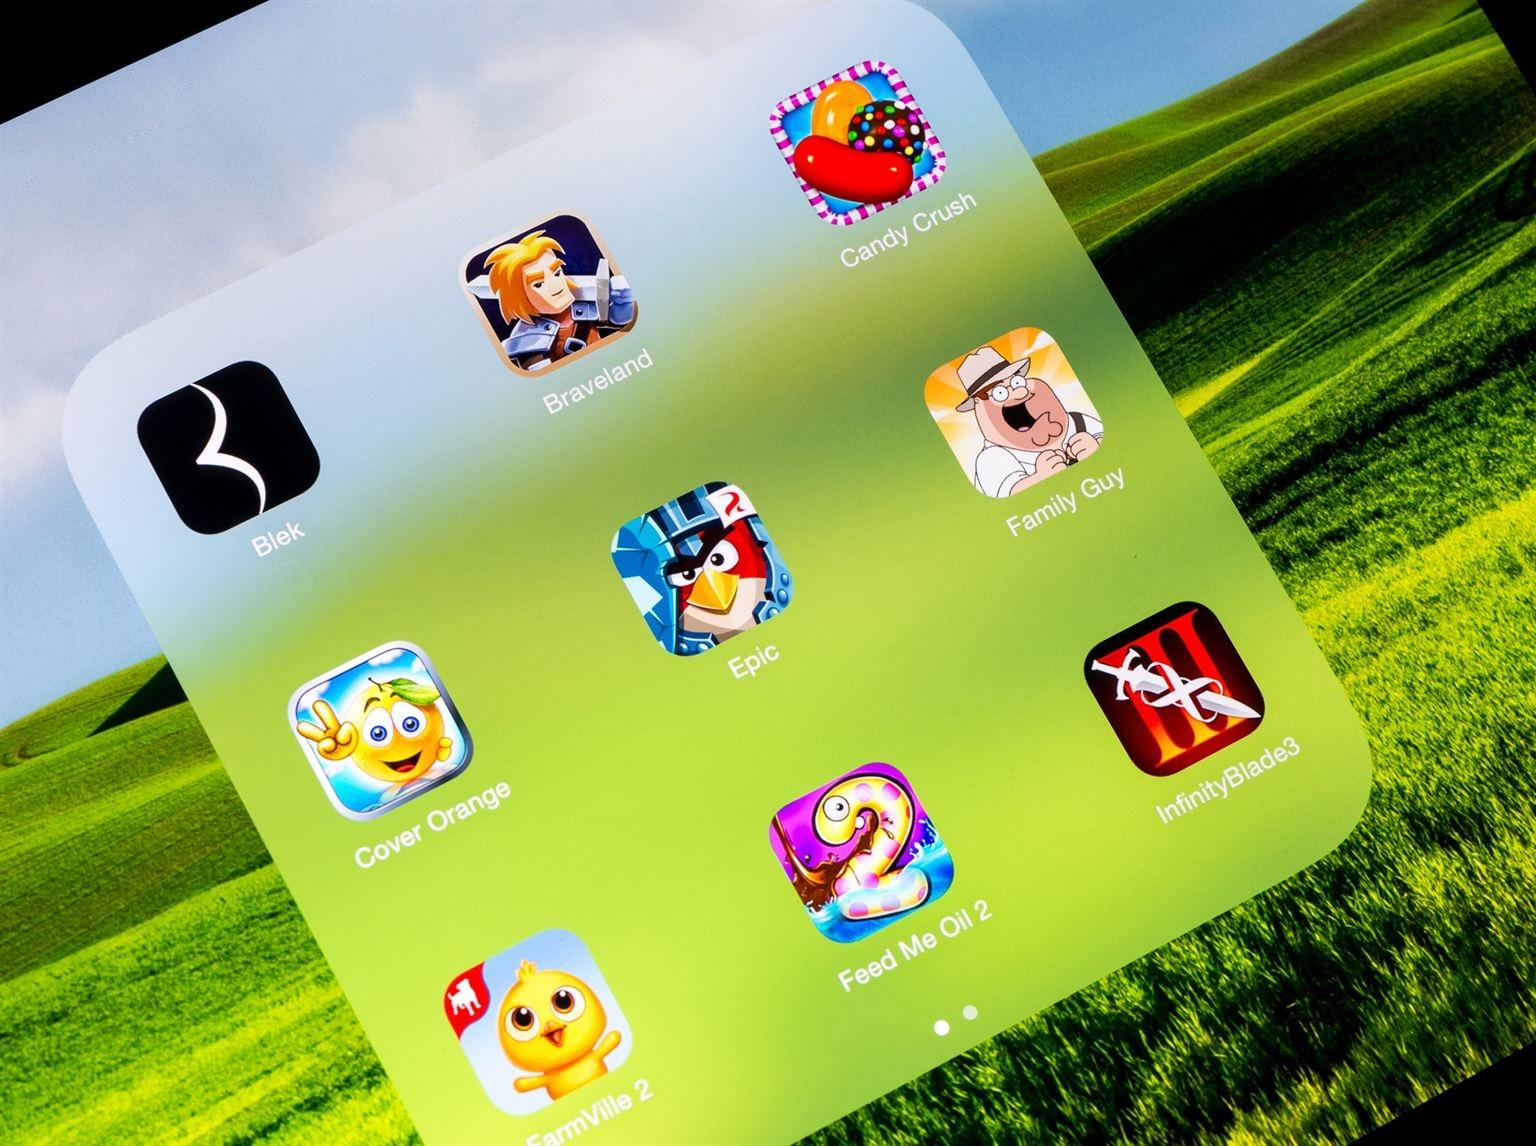 Jeux Sur Tablette: 64 Choix Pour Enfants | Protégez-Vous.ca dedans Jeux De Bébé Animaux Gratuit